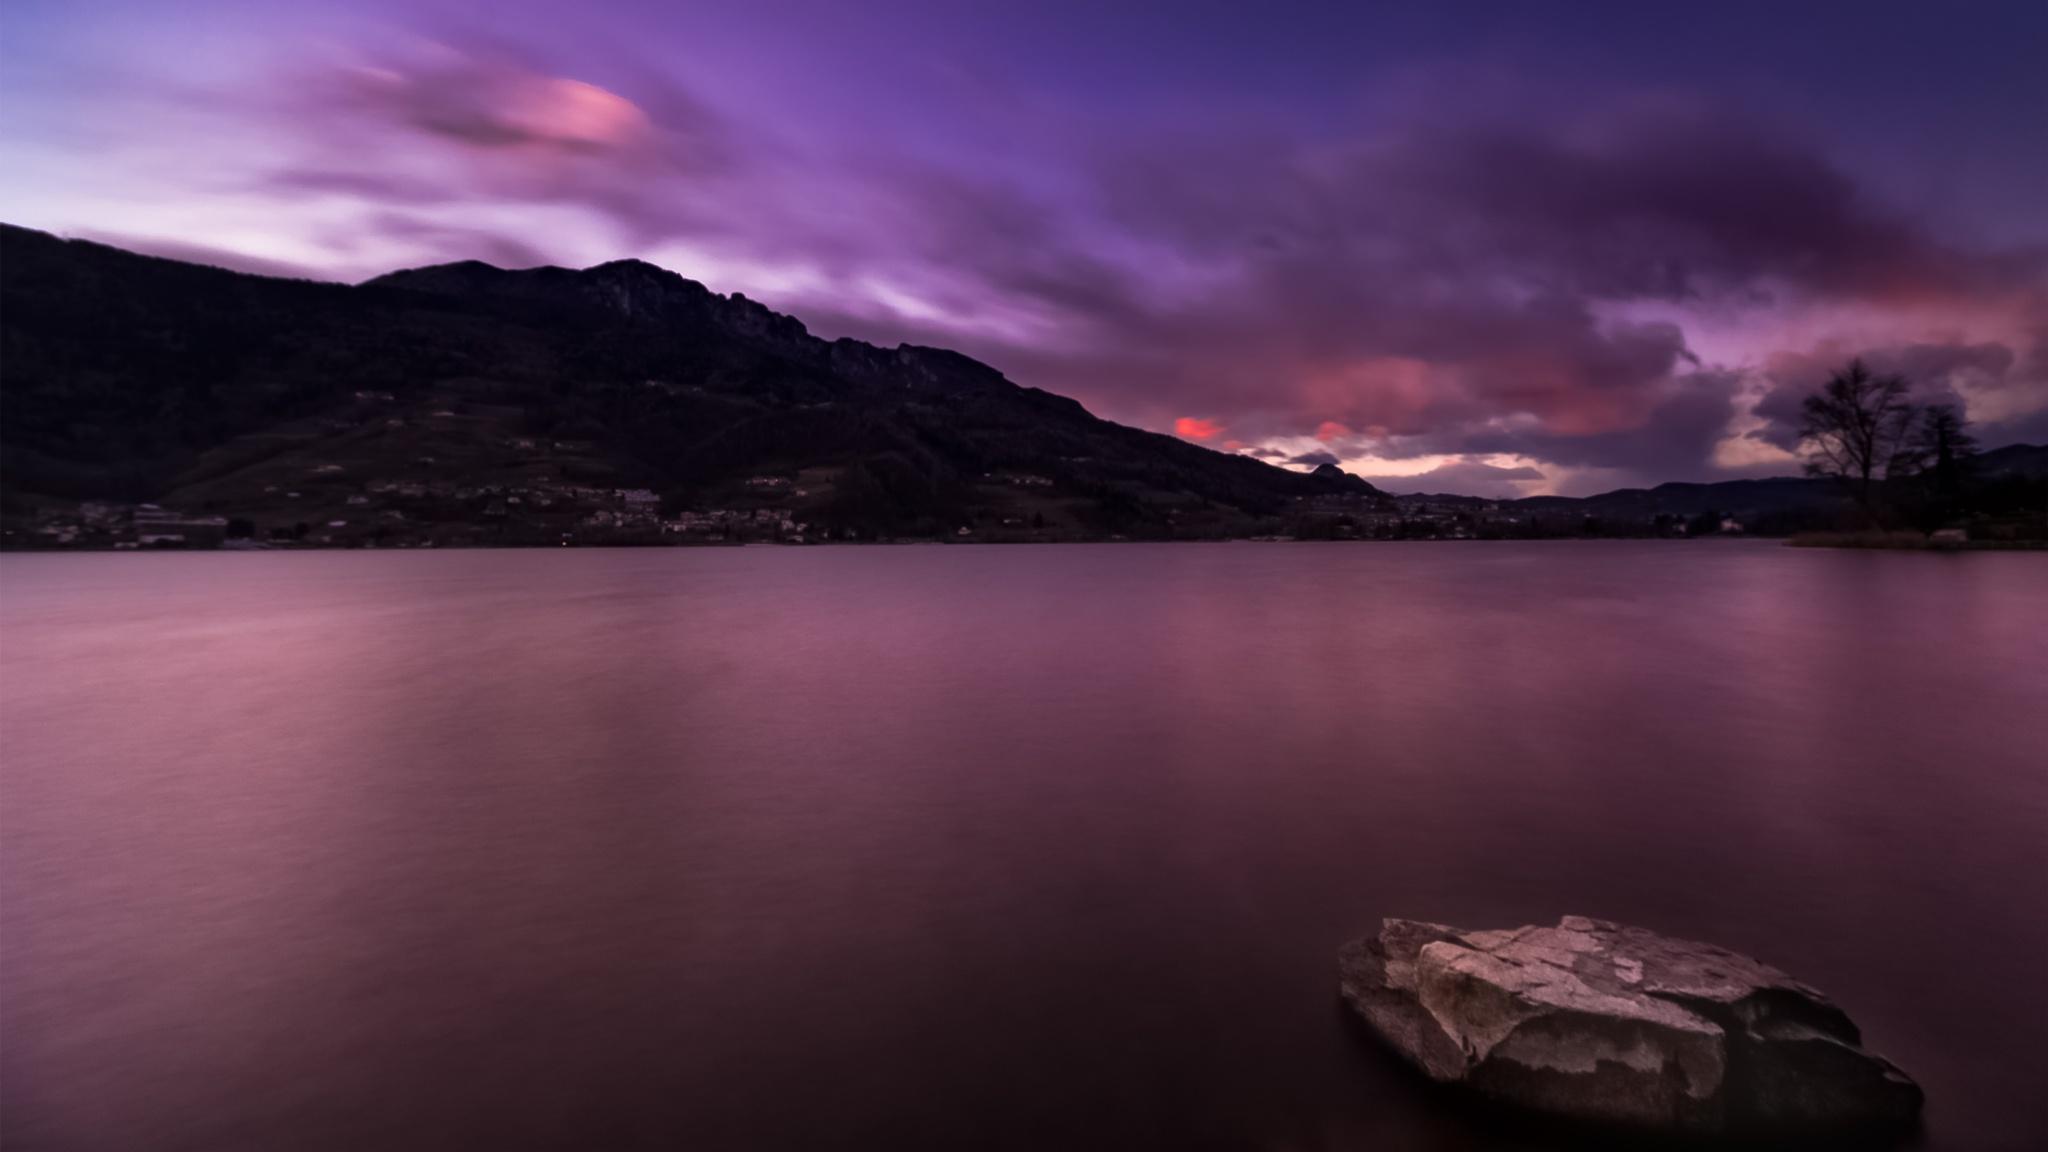 Pink Blue Hour by Cristina Geier